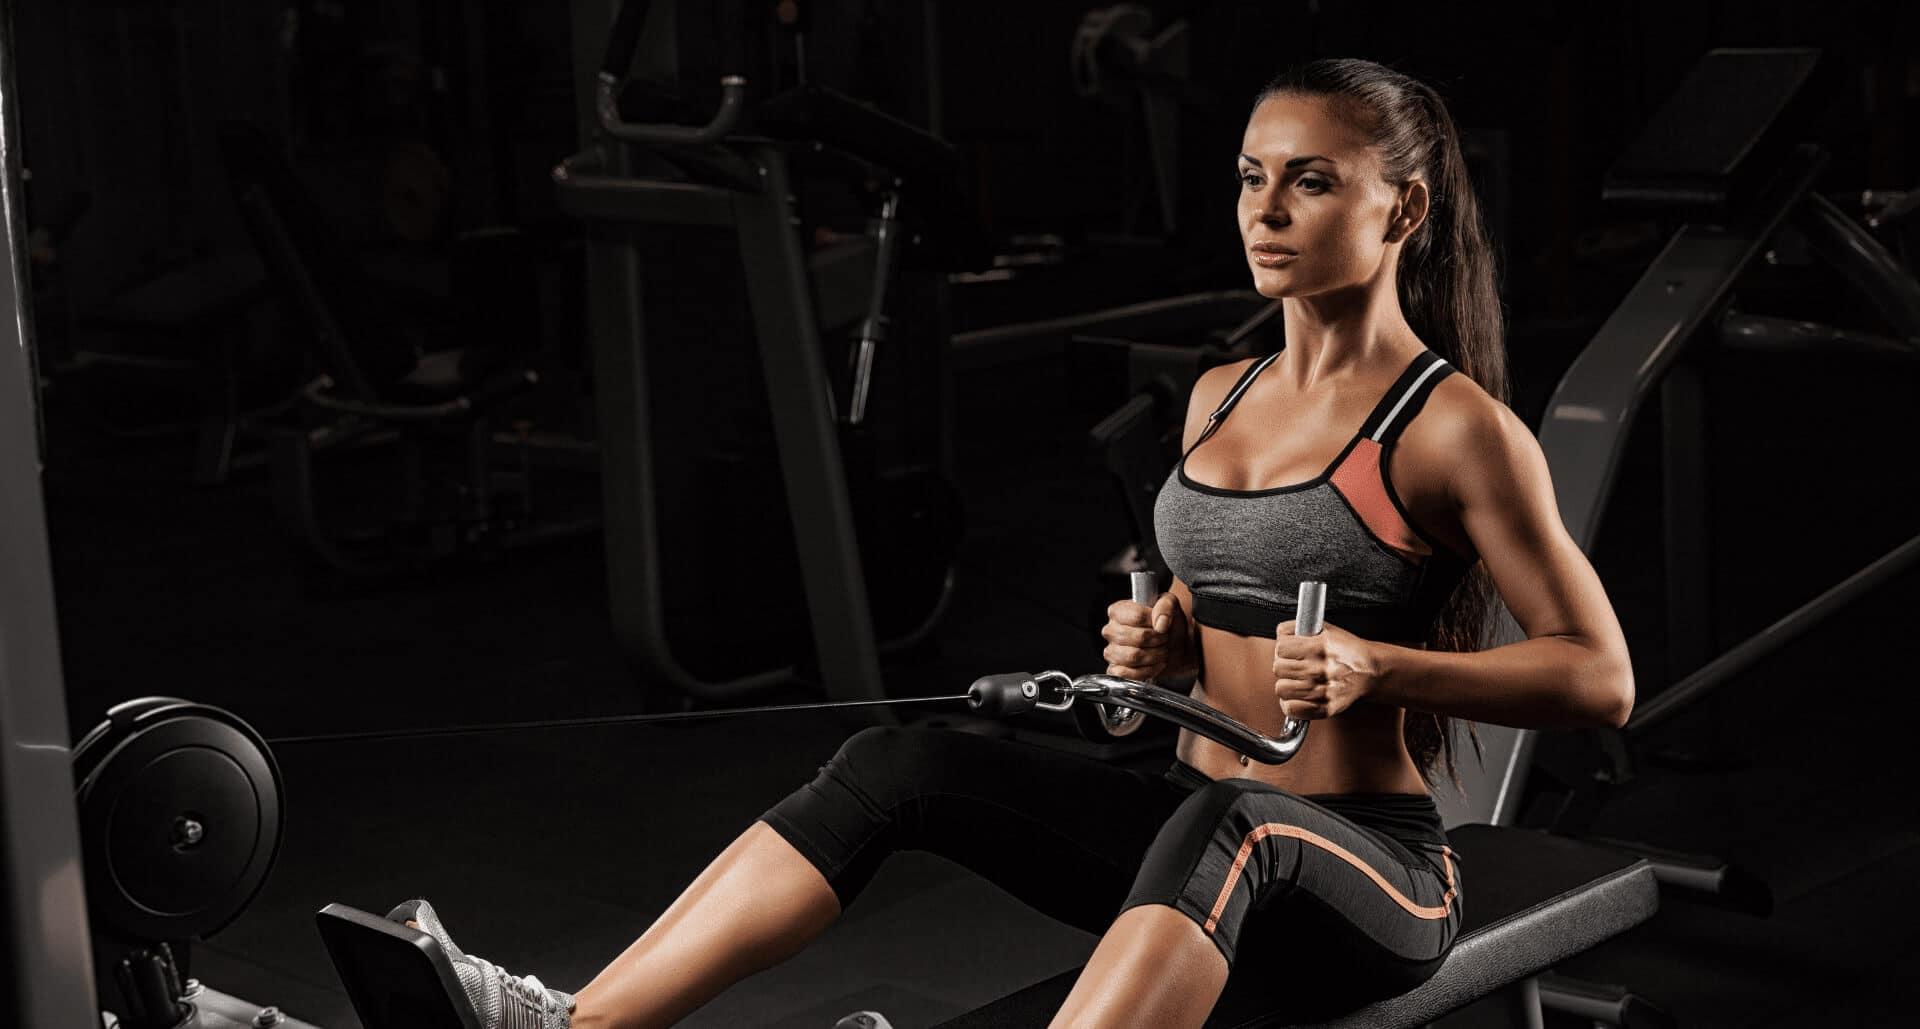 Happy Woman In Gym Wear